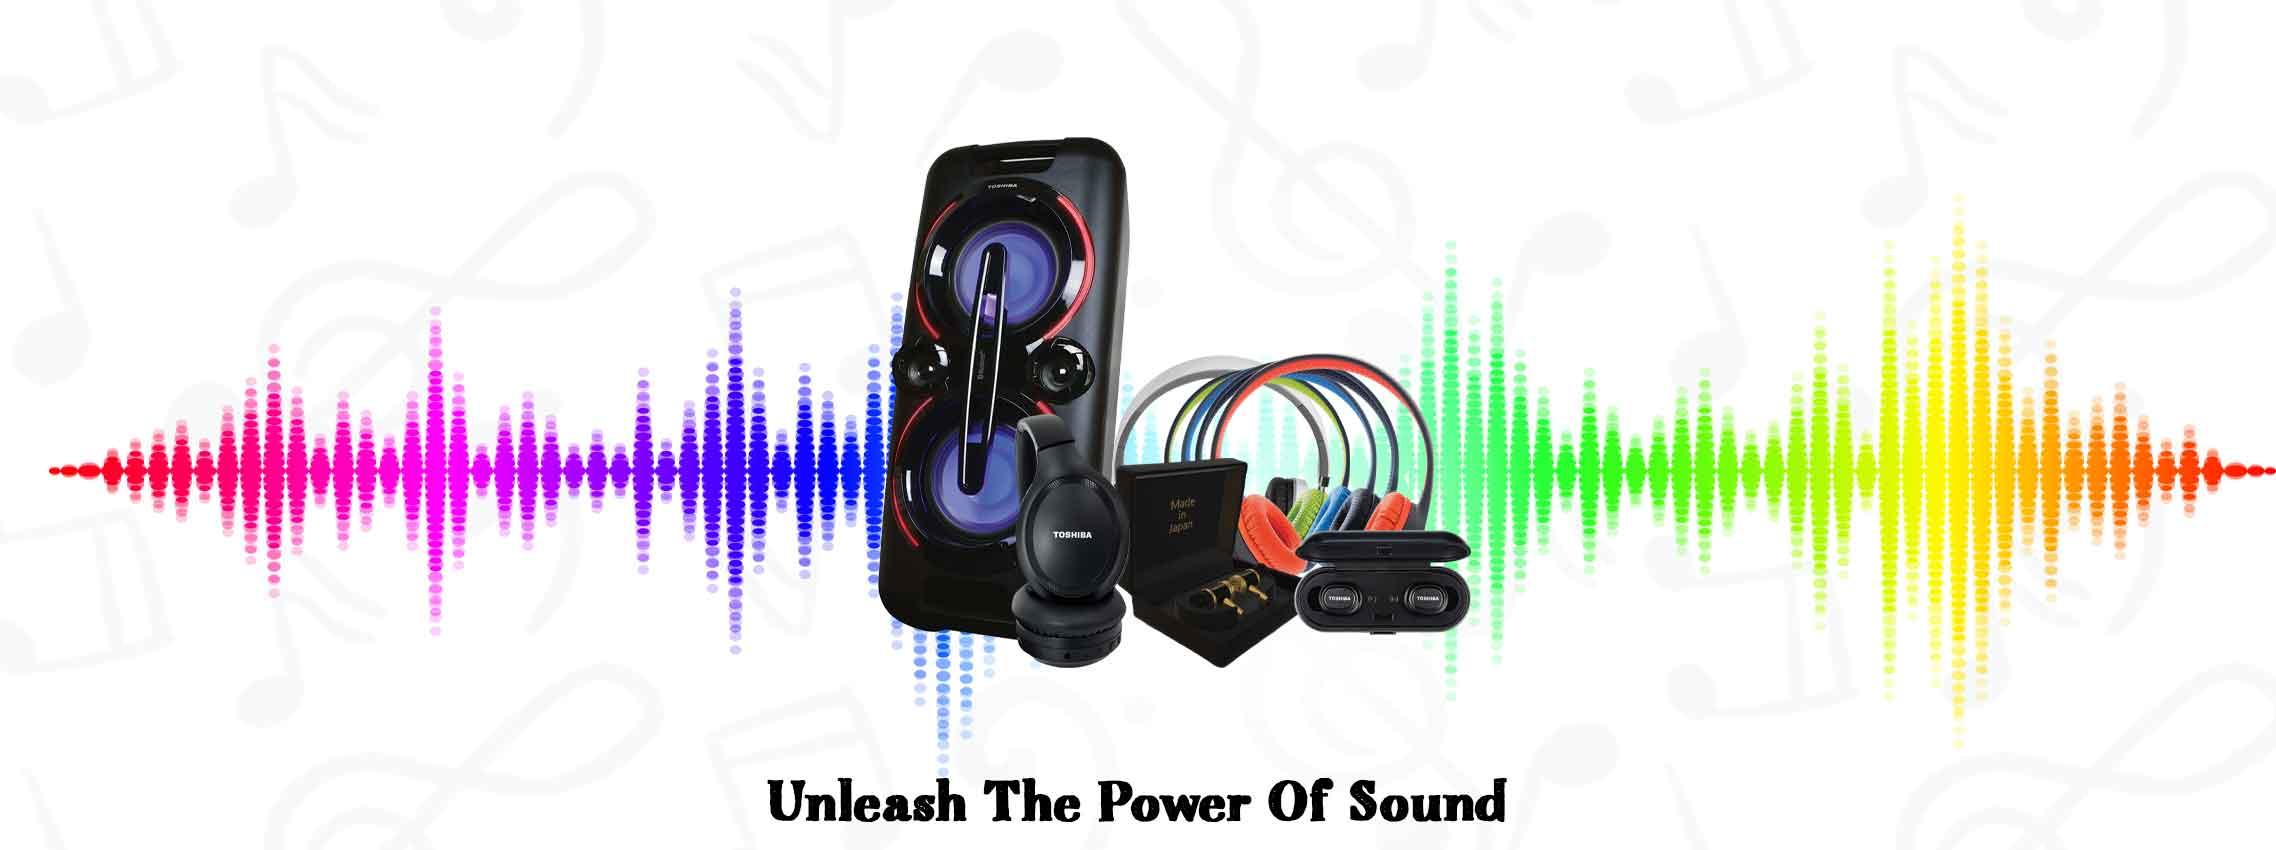 Toshiba Audio